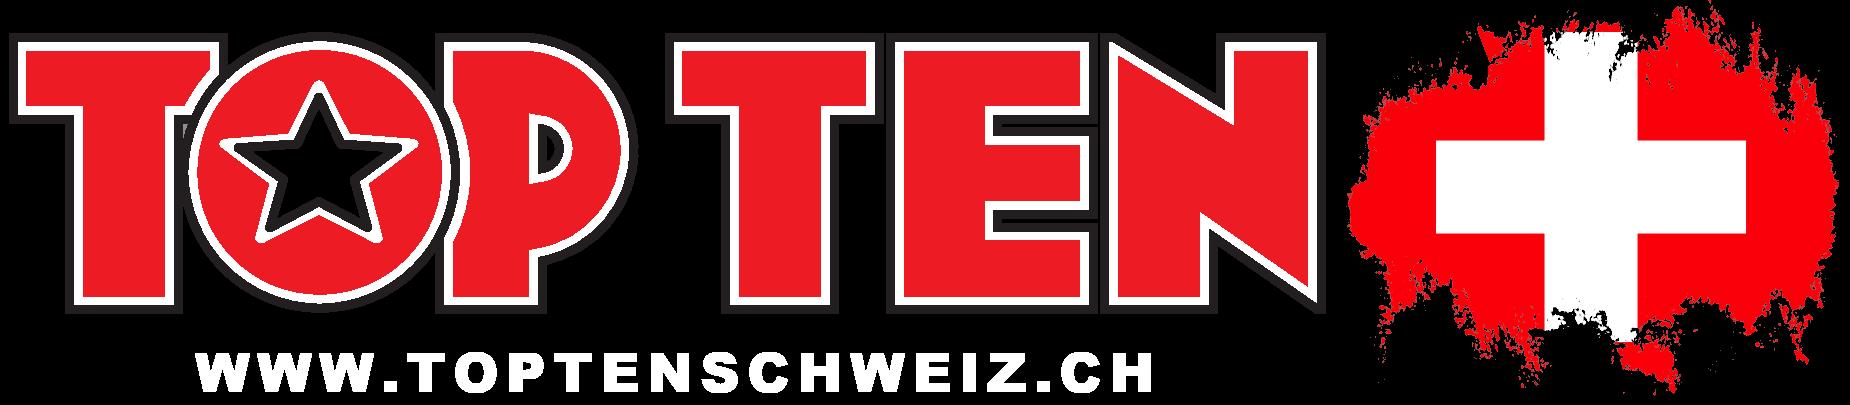 toptenschweiz